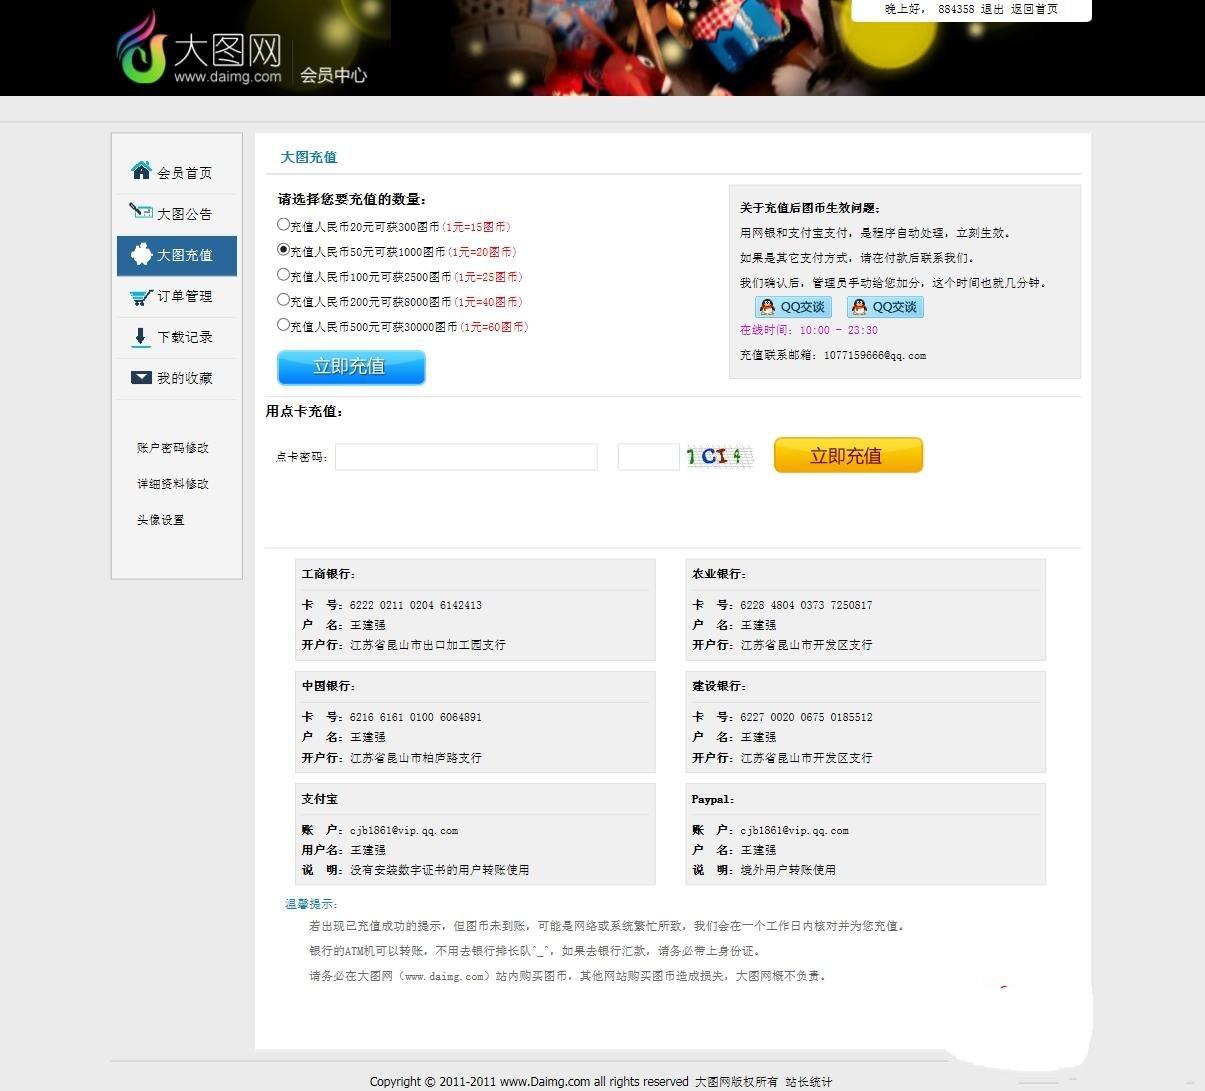 织梦dedecms仿大图素材网分享网站免费下载